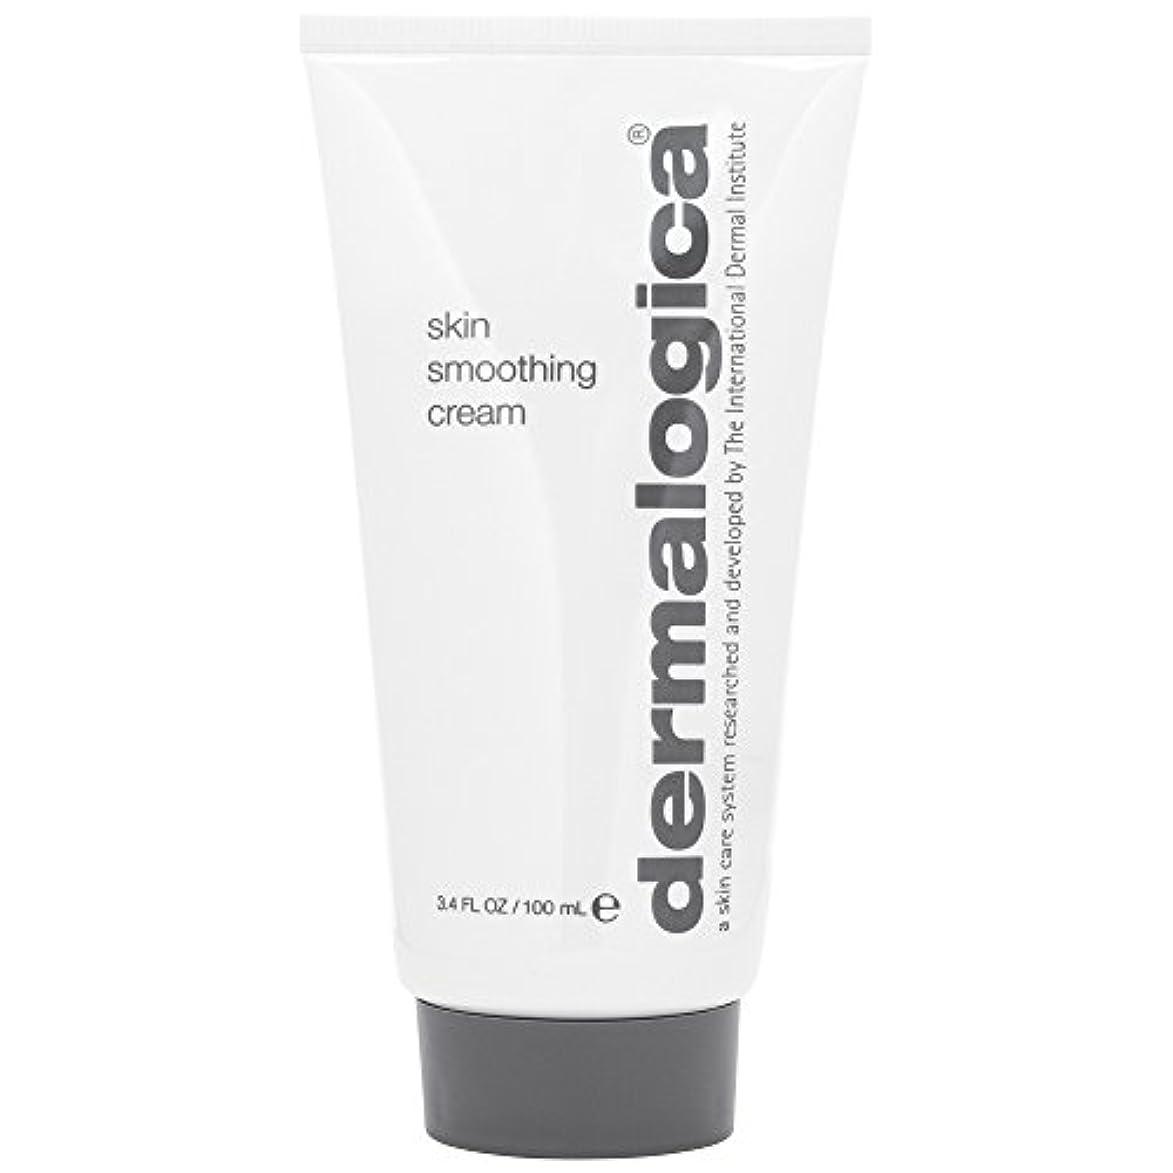 装備する挨拶リスダーマロジカスキンスムージングクリーム100ミリリットル (Dermalogica) - Dermalogica Skin Smoothing Cream 100ml [並行輸入品]